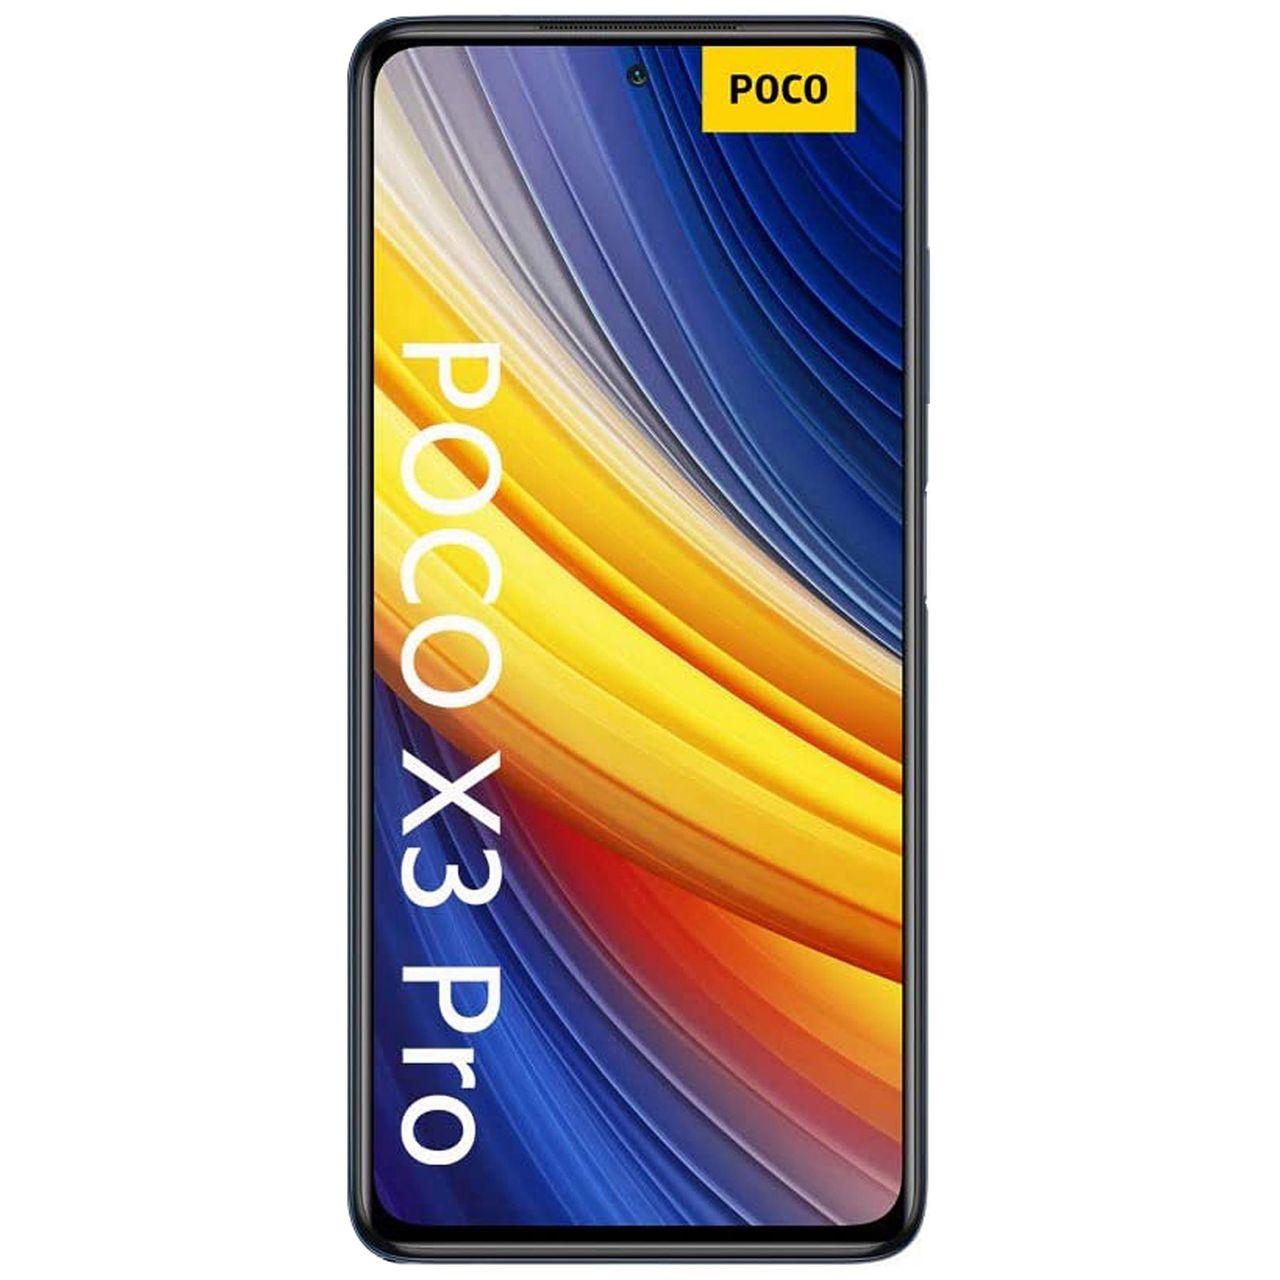 گوشی موبایل شیائومی مدل POCO X3 Pro M2102J20SG دو سیم کارت ظرفیت 256 گیگابایت و 8 گیگابایت رم